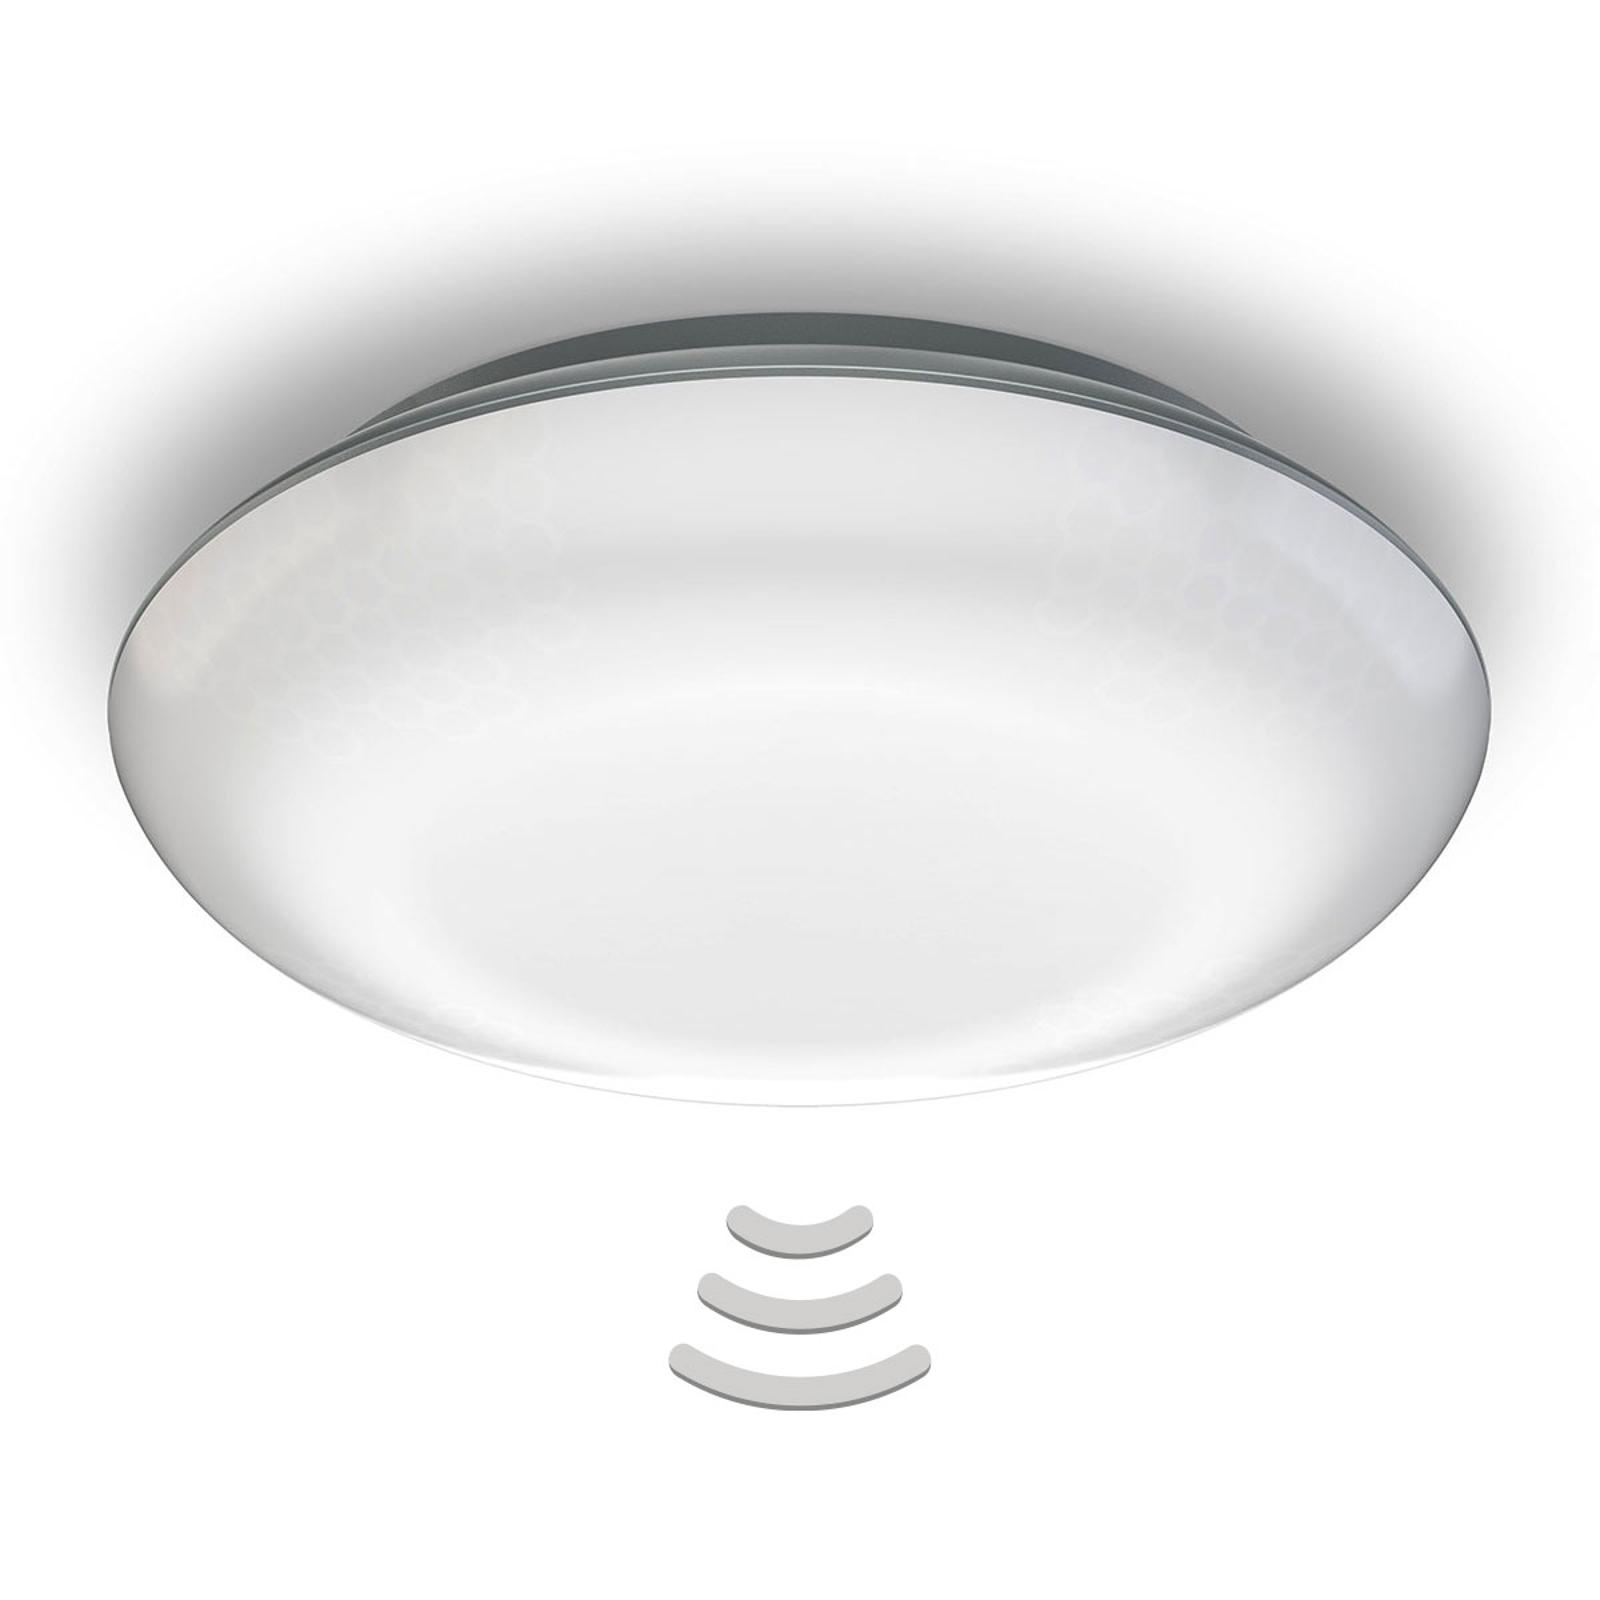 STEINEL Vario Quattro lampa sufitowa zewnętrzna